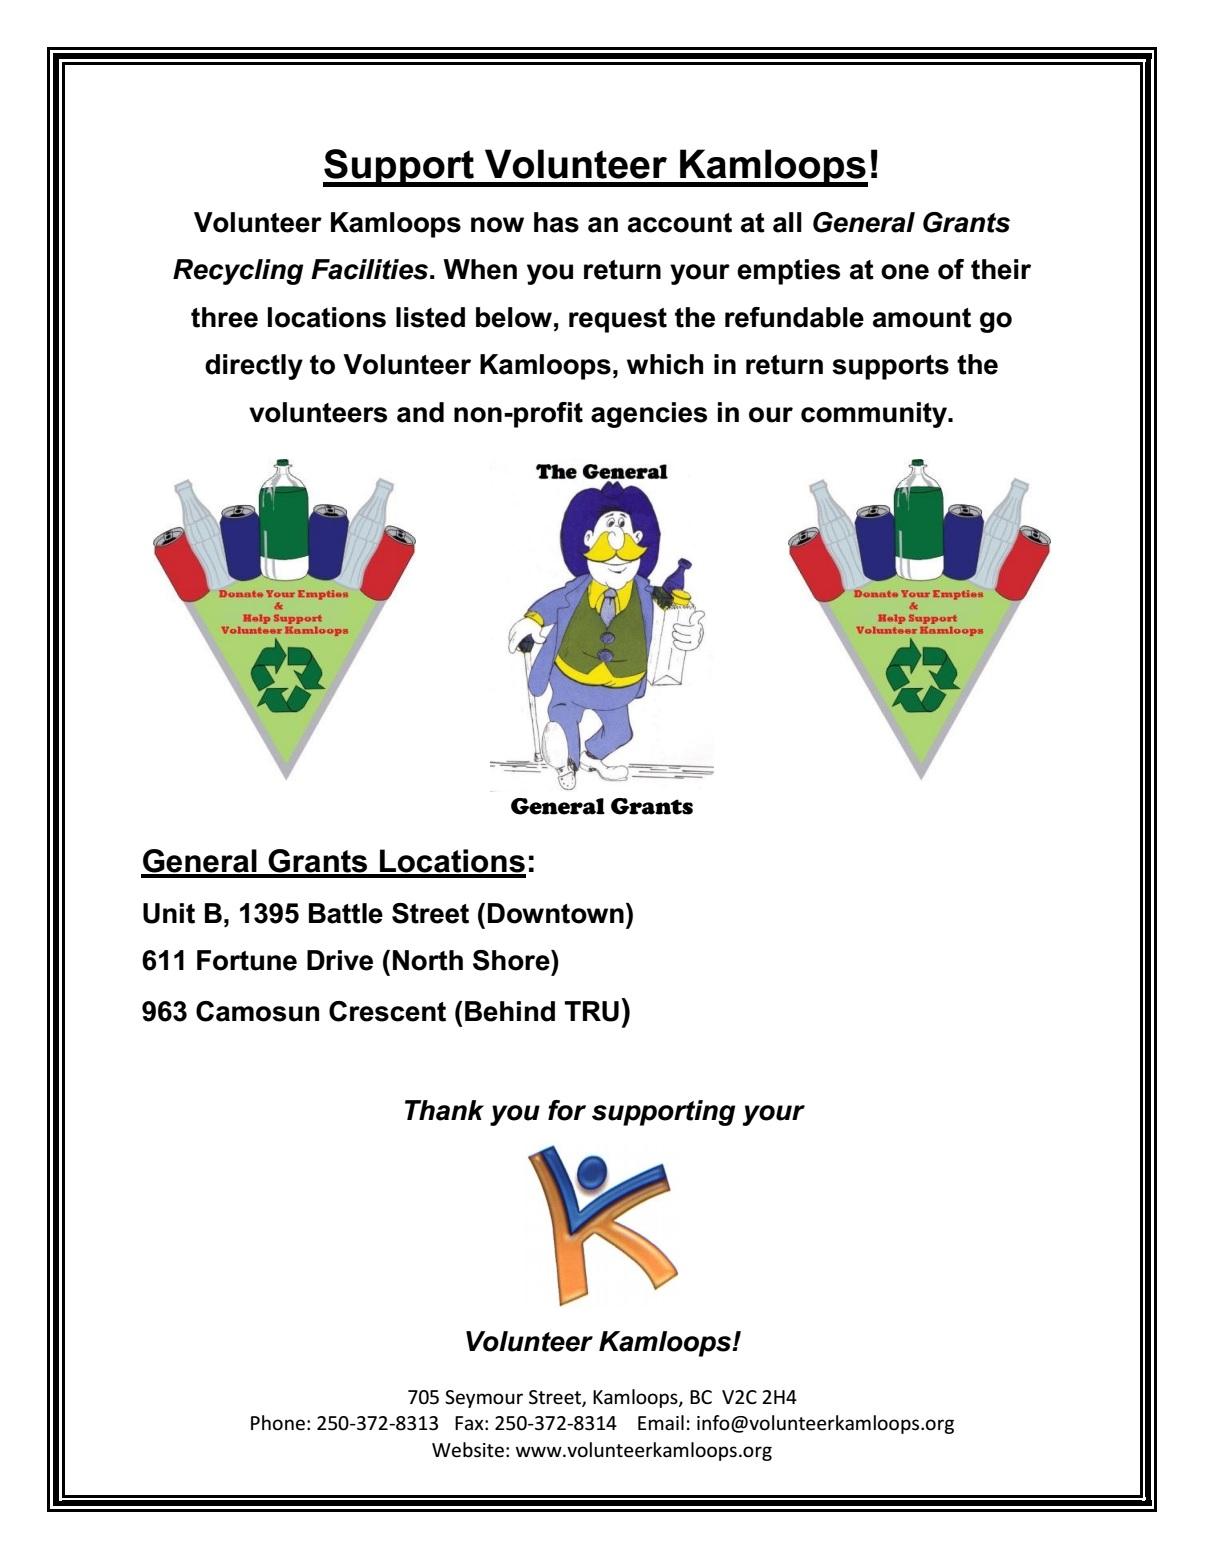 Support Volunteer Kamloops Pic - 01